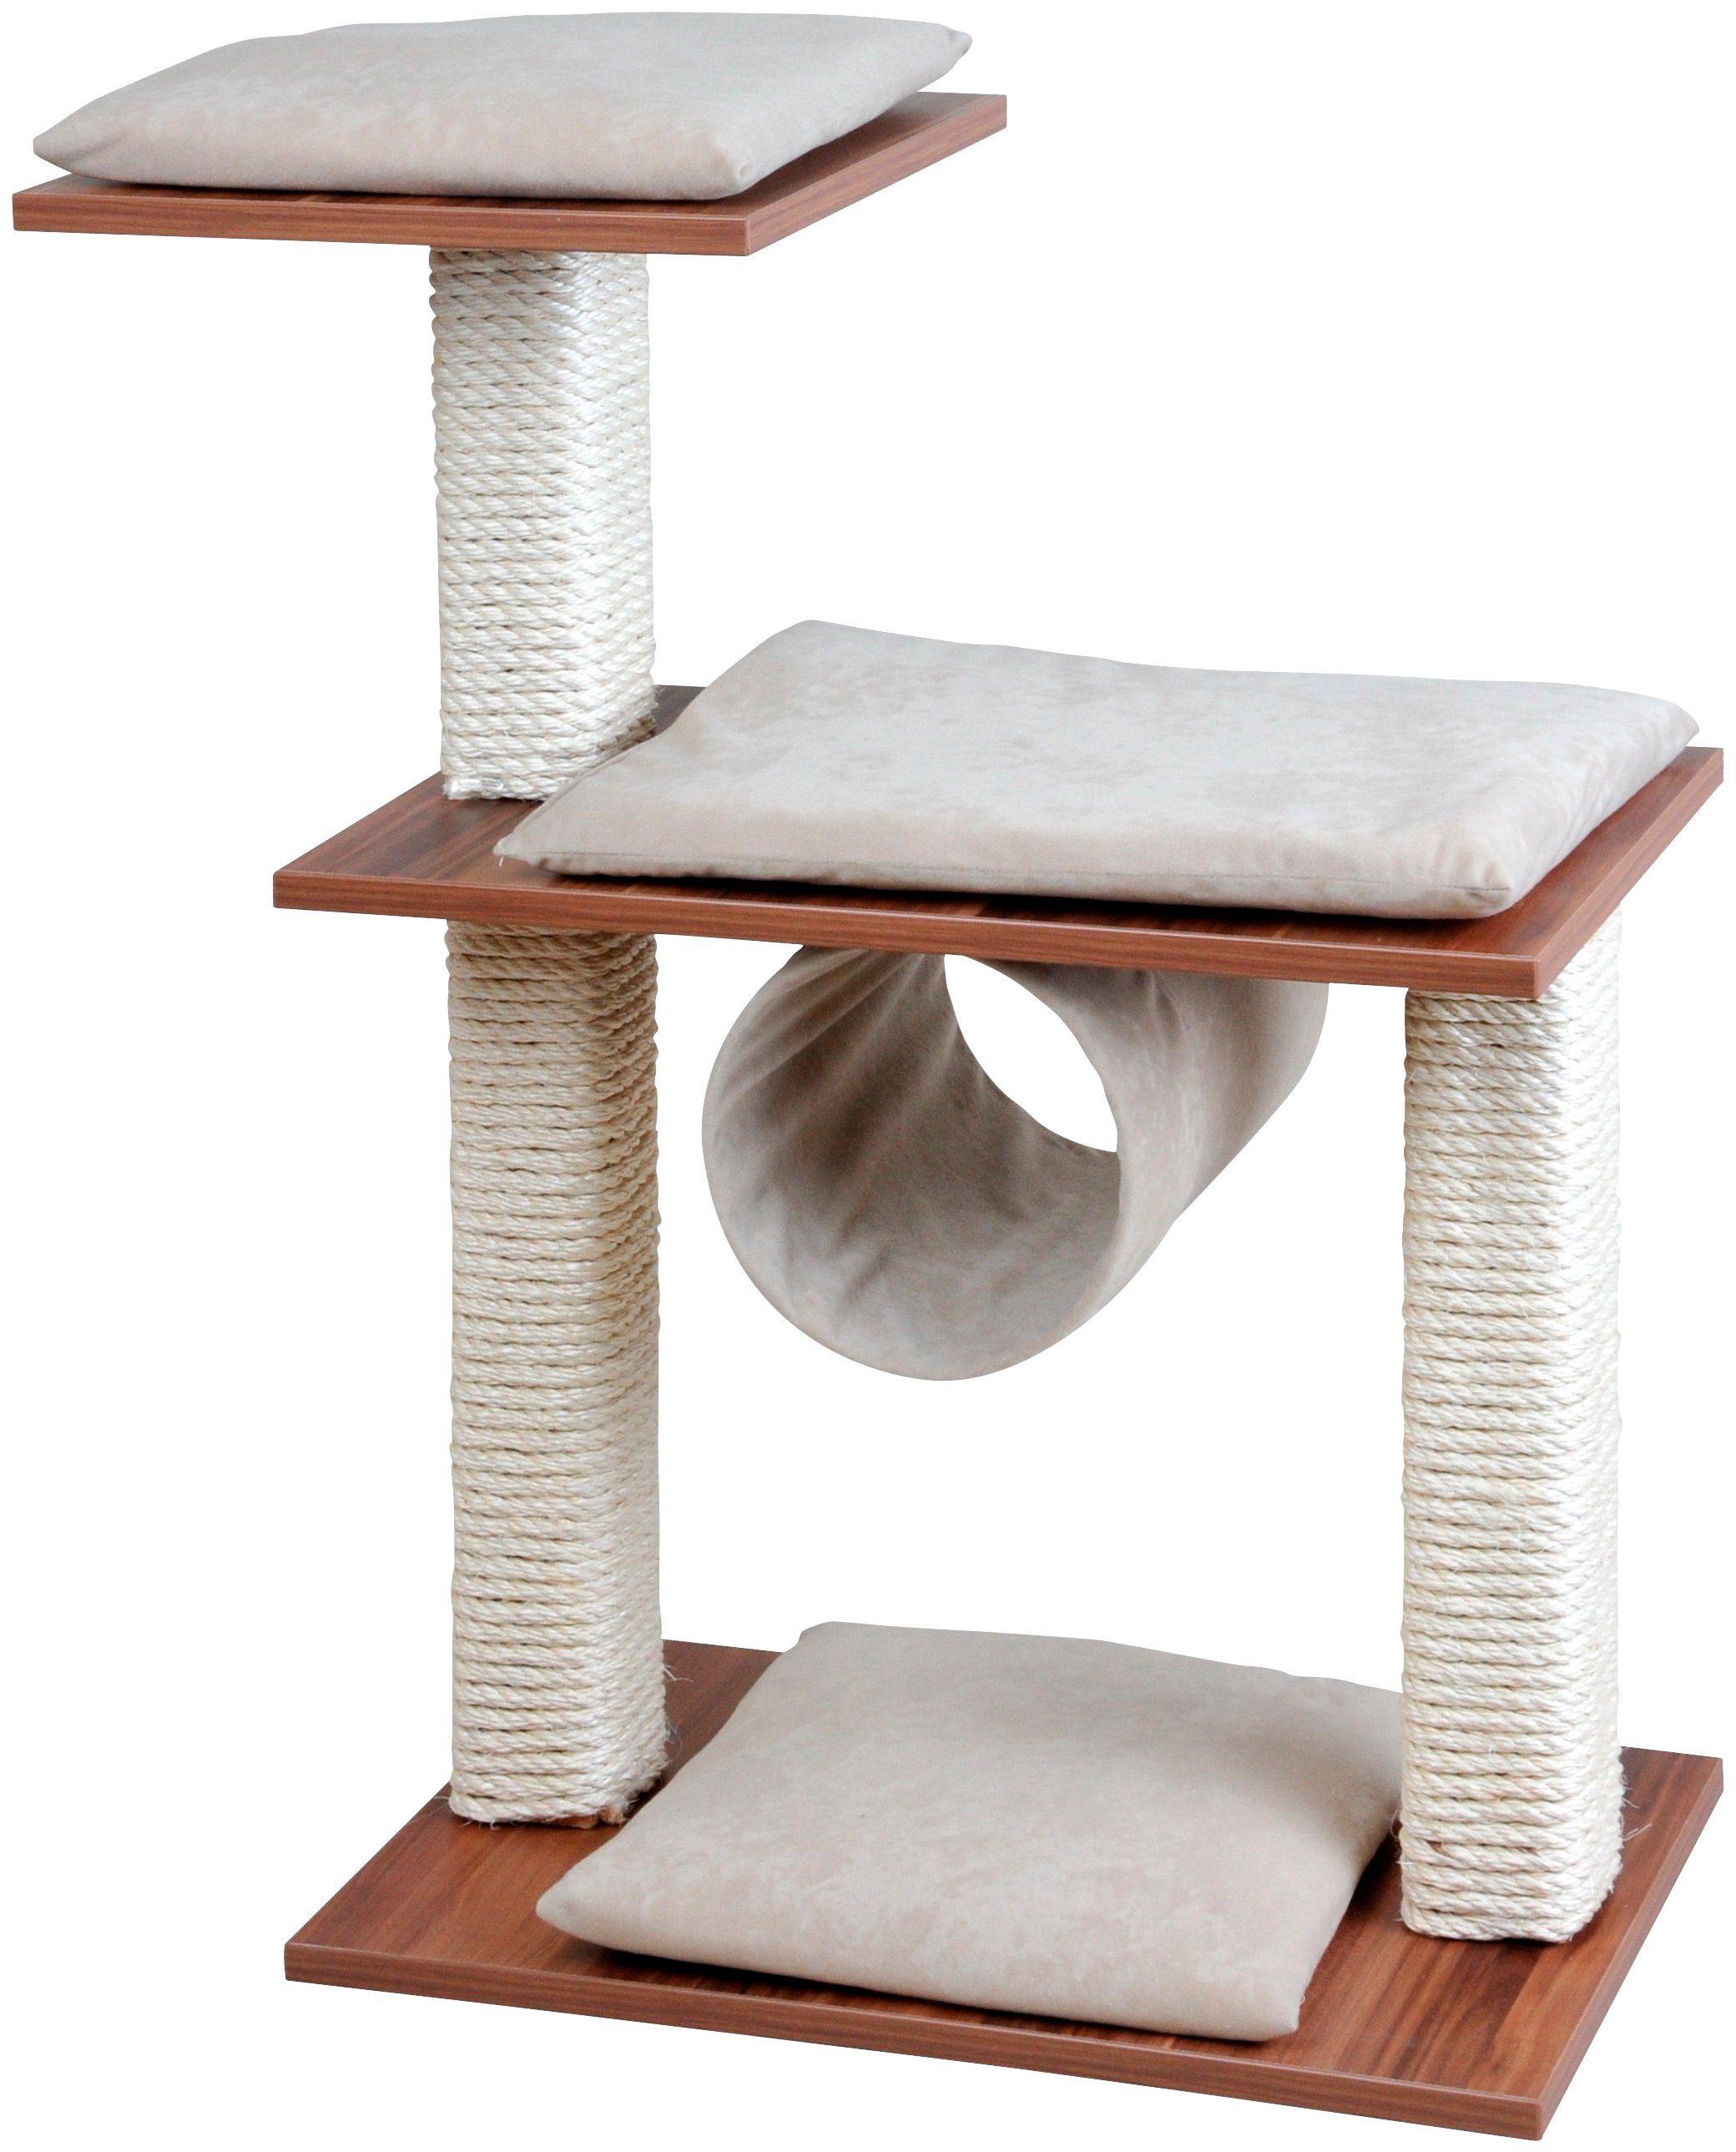 SILVIO DESIGN Kratzbaum »Cosy«, B/T/H: 80/36/86 cm, walnussdekor/sandfarben